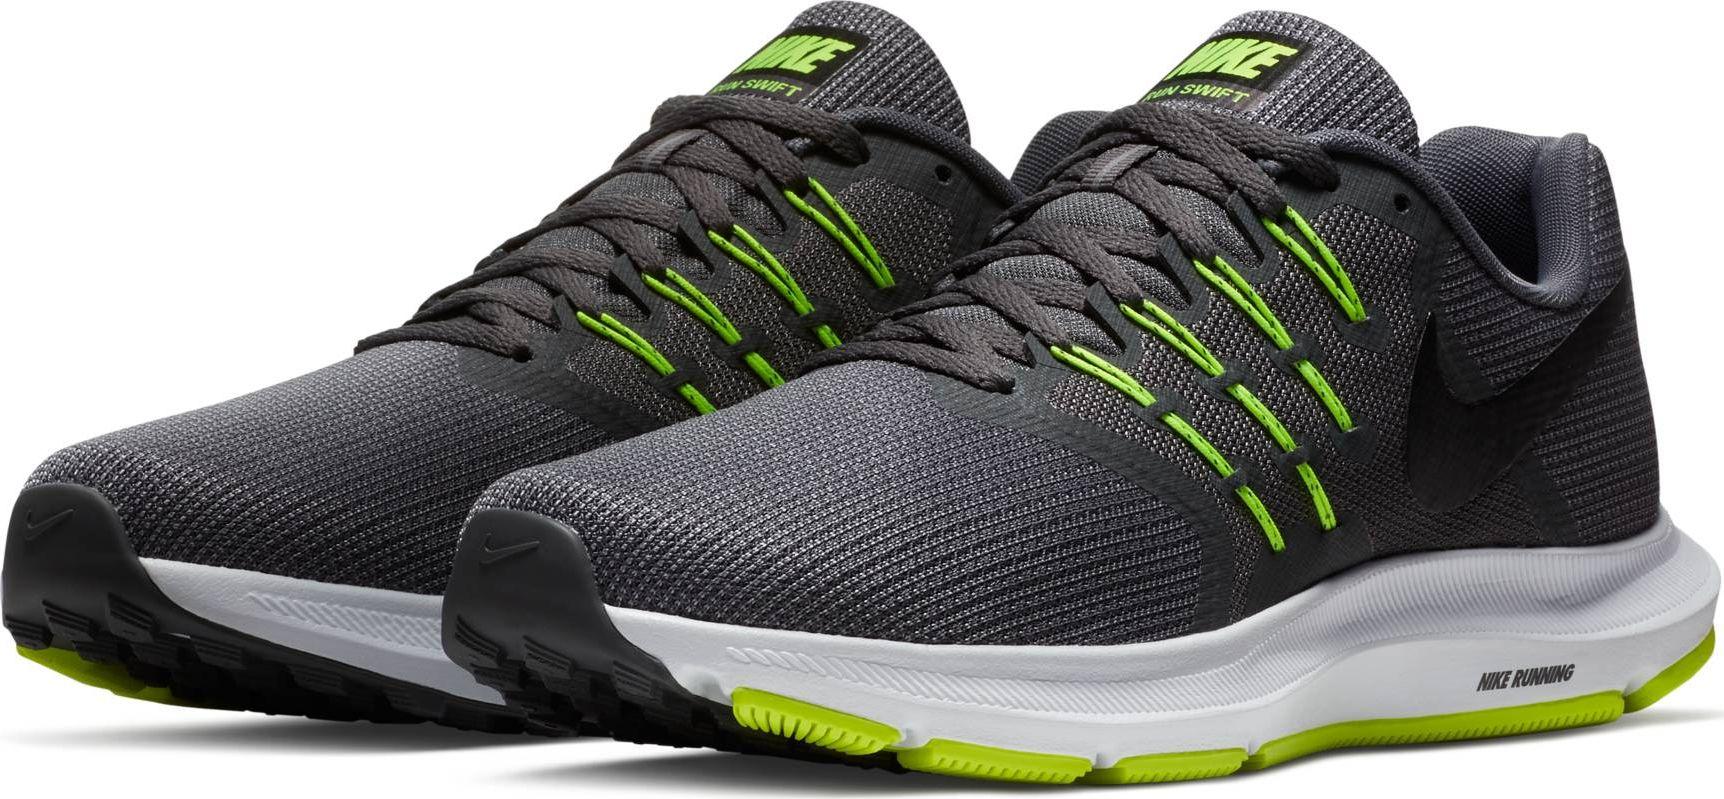 Кроссовки для бега мужские Nike Run Swift Running Shoe, цвет: серый. 908989-007. Размер 10 (43)908989-007Мужские беговые кроссовки Nike Run Swift идеально сидят на ноге благодаря дышащей сетке в передней части стопы и на пятке и сетке с плотным переплетением в средней части стопы для поддержки. Интегрированные нити Flywire надежно фиксируют среднюю часть стопы, а пеноматериал Cushlon создает амортизацию. Конструкция из сетки обеспечивает зональную вентиляцию и поддержку. Шнурки с интегрированными нитями Flywire для регулируемой поддержки. Подошва с вафельным рисунком повышает амортизацию и упругость. Сетка с плотным плетением на боковой части создает надежную поддержку, не жертвуя воздухопроницаемостью. Пеноматериал Cushlon обеспечивает мягкую, но упругую амортизацию и поддержку.